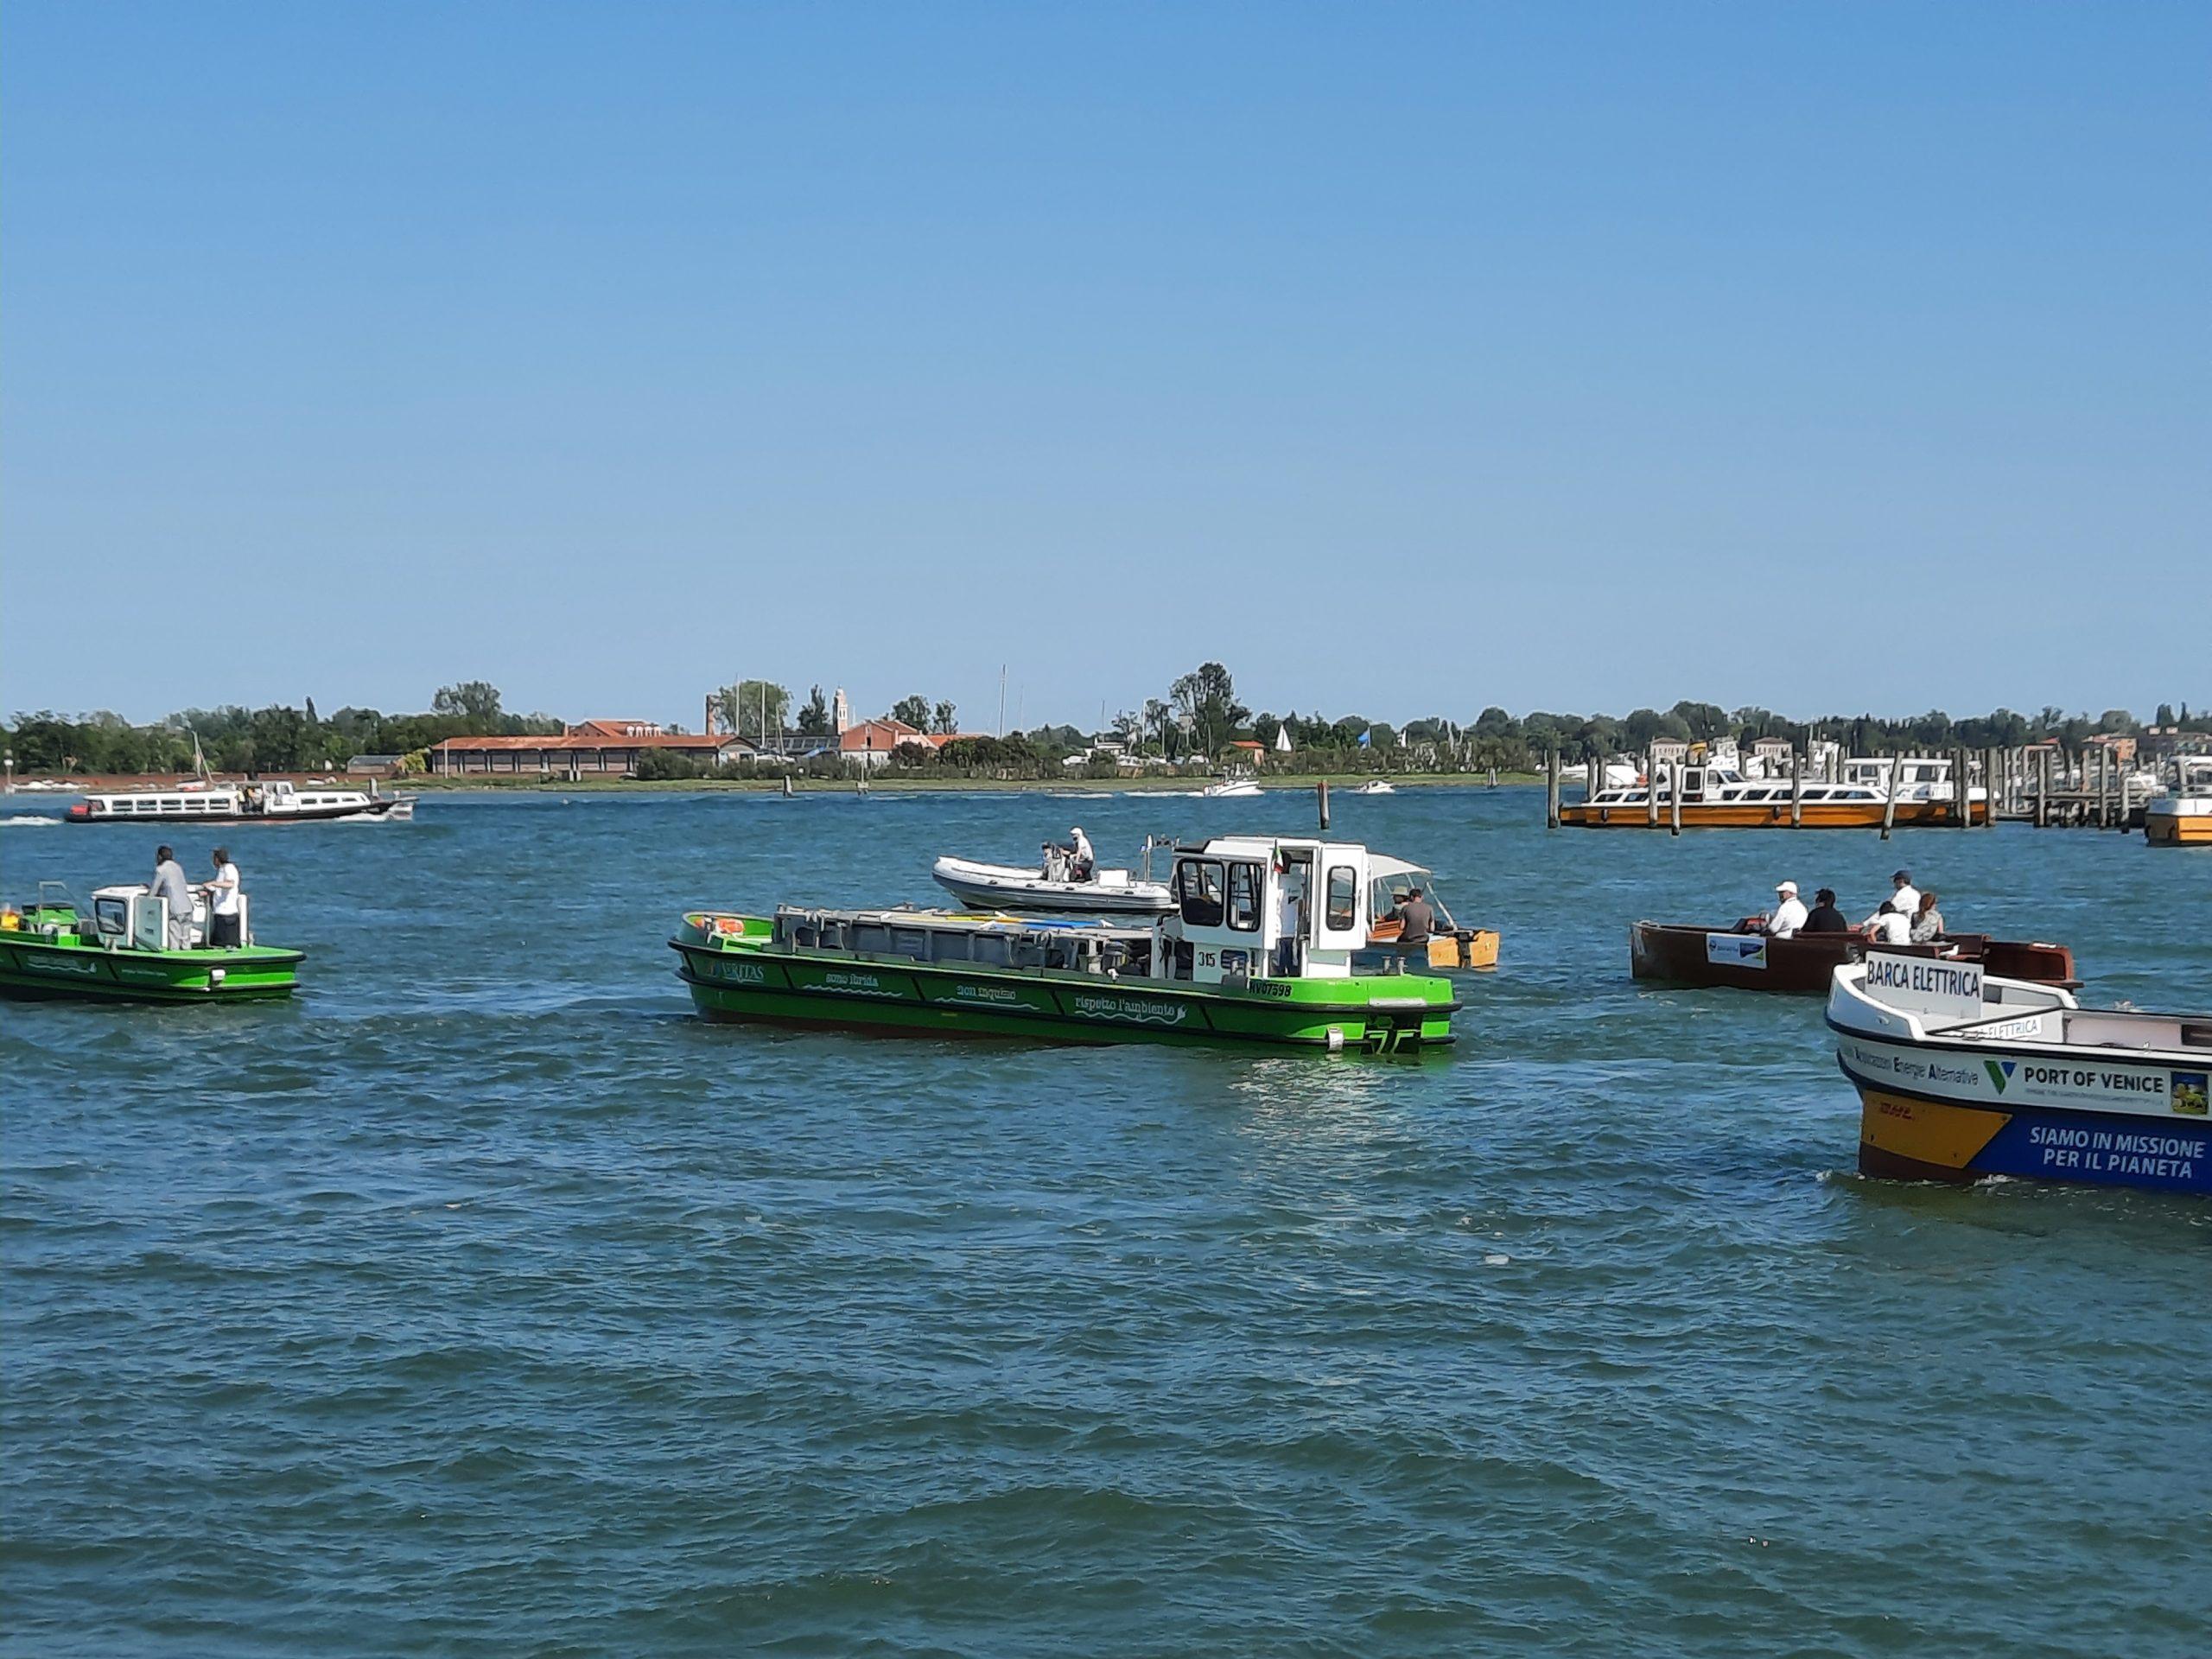 E-REGATTA 2021 | 4 imbarcazioni su 21 sono mosse da accumulatori al litio Archimede Energia